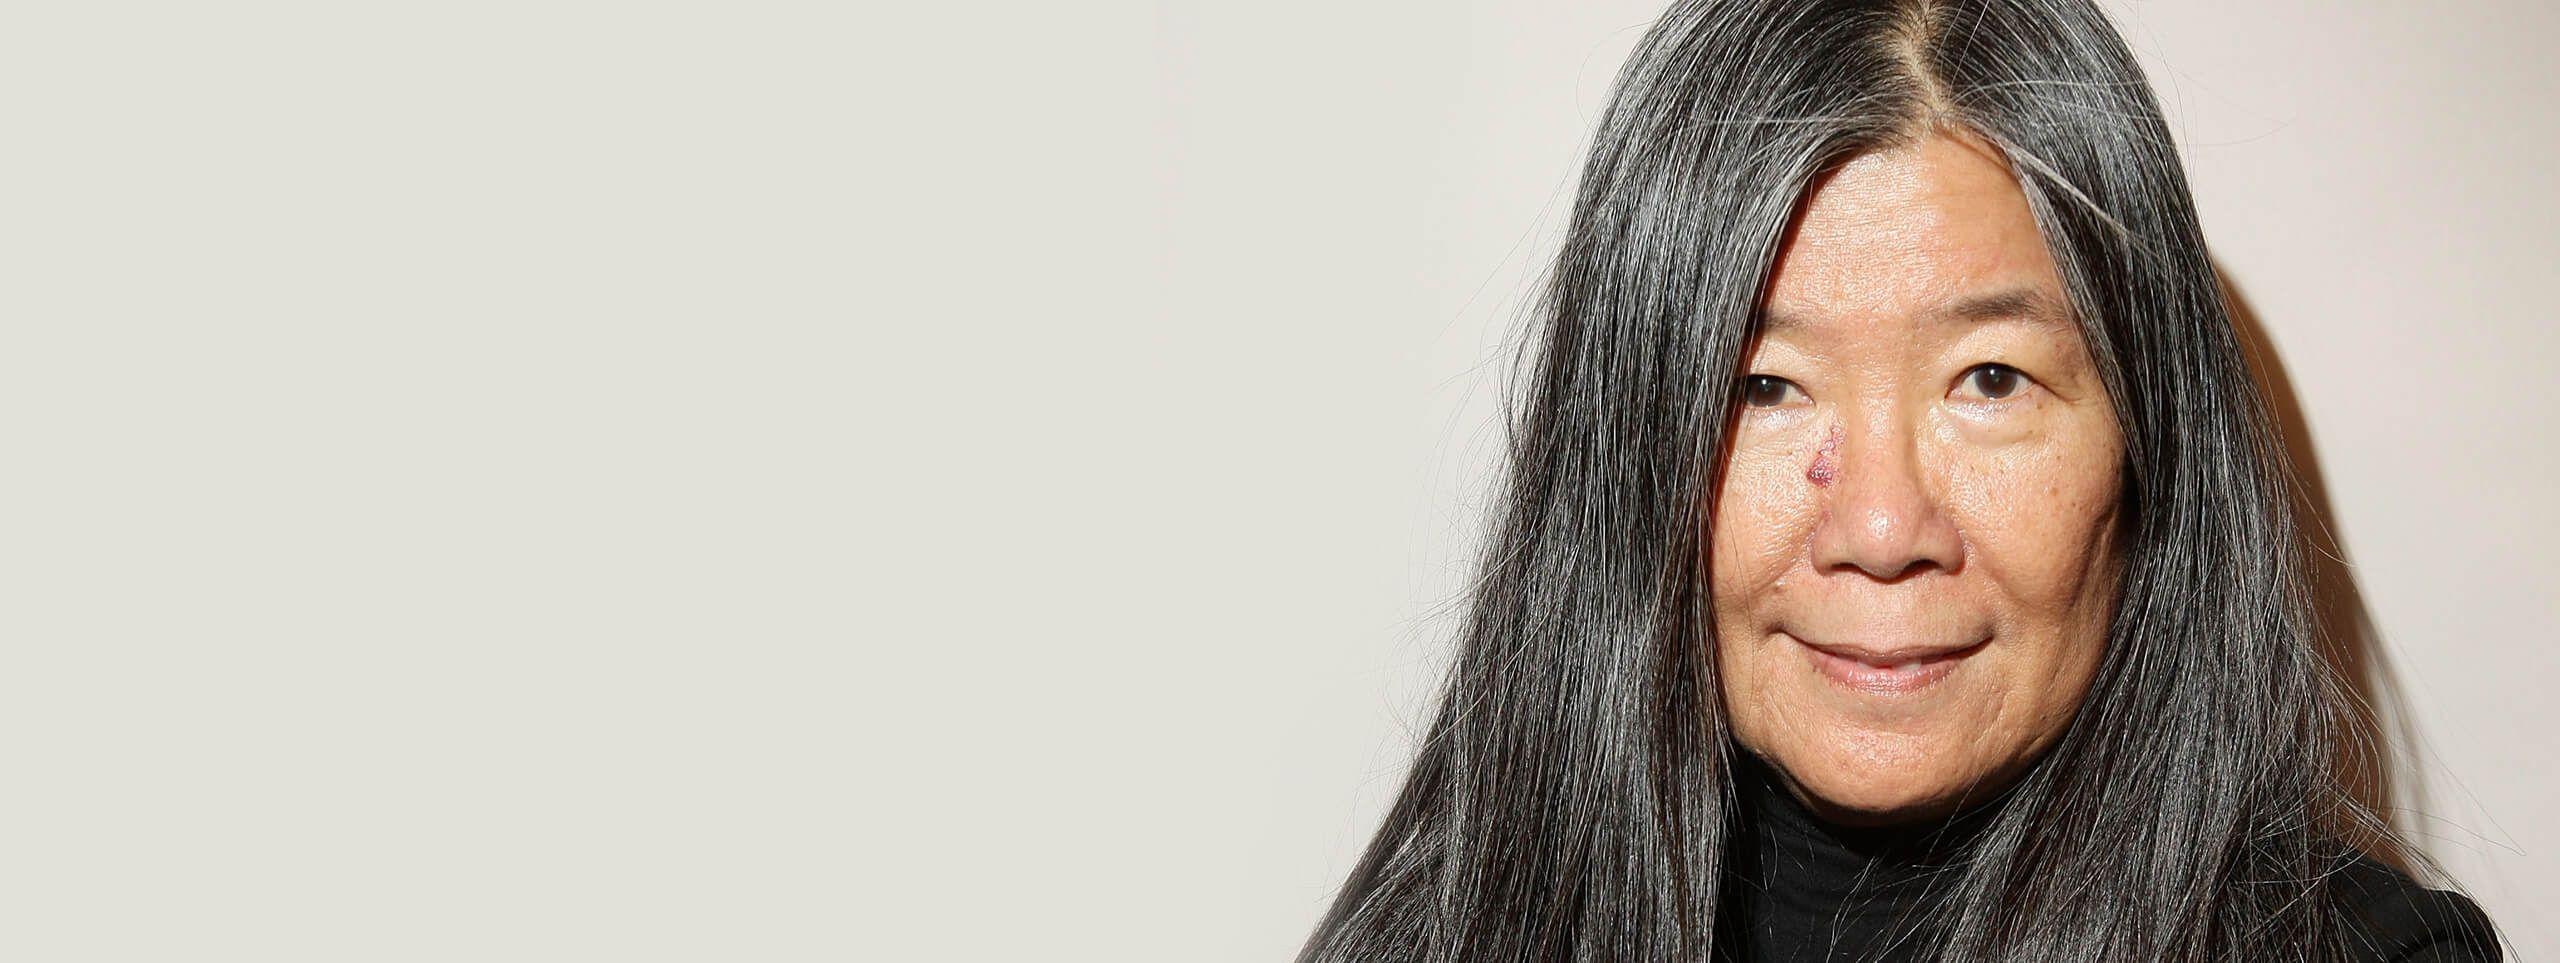 Kobieta w długich ciemno siwych włosach